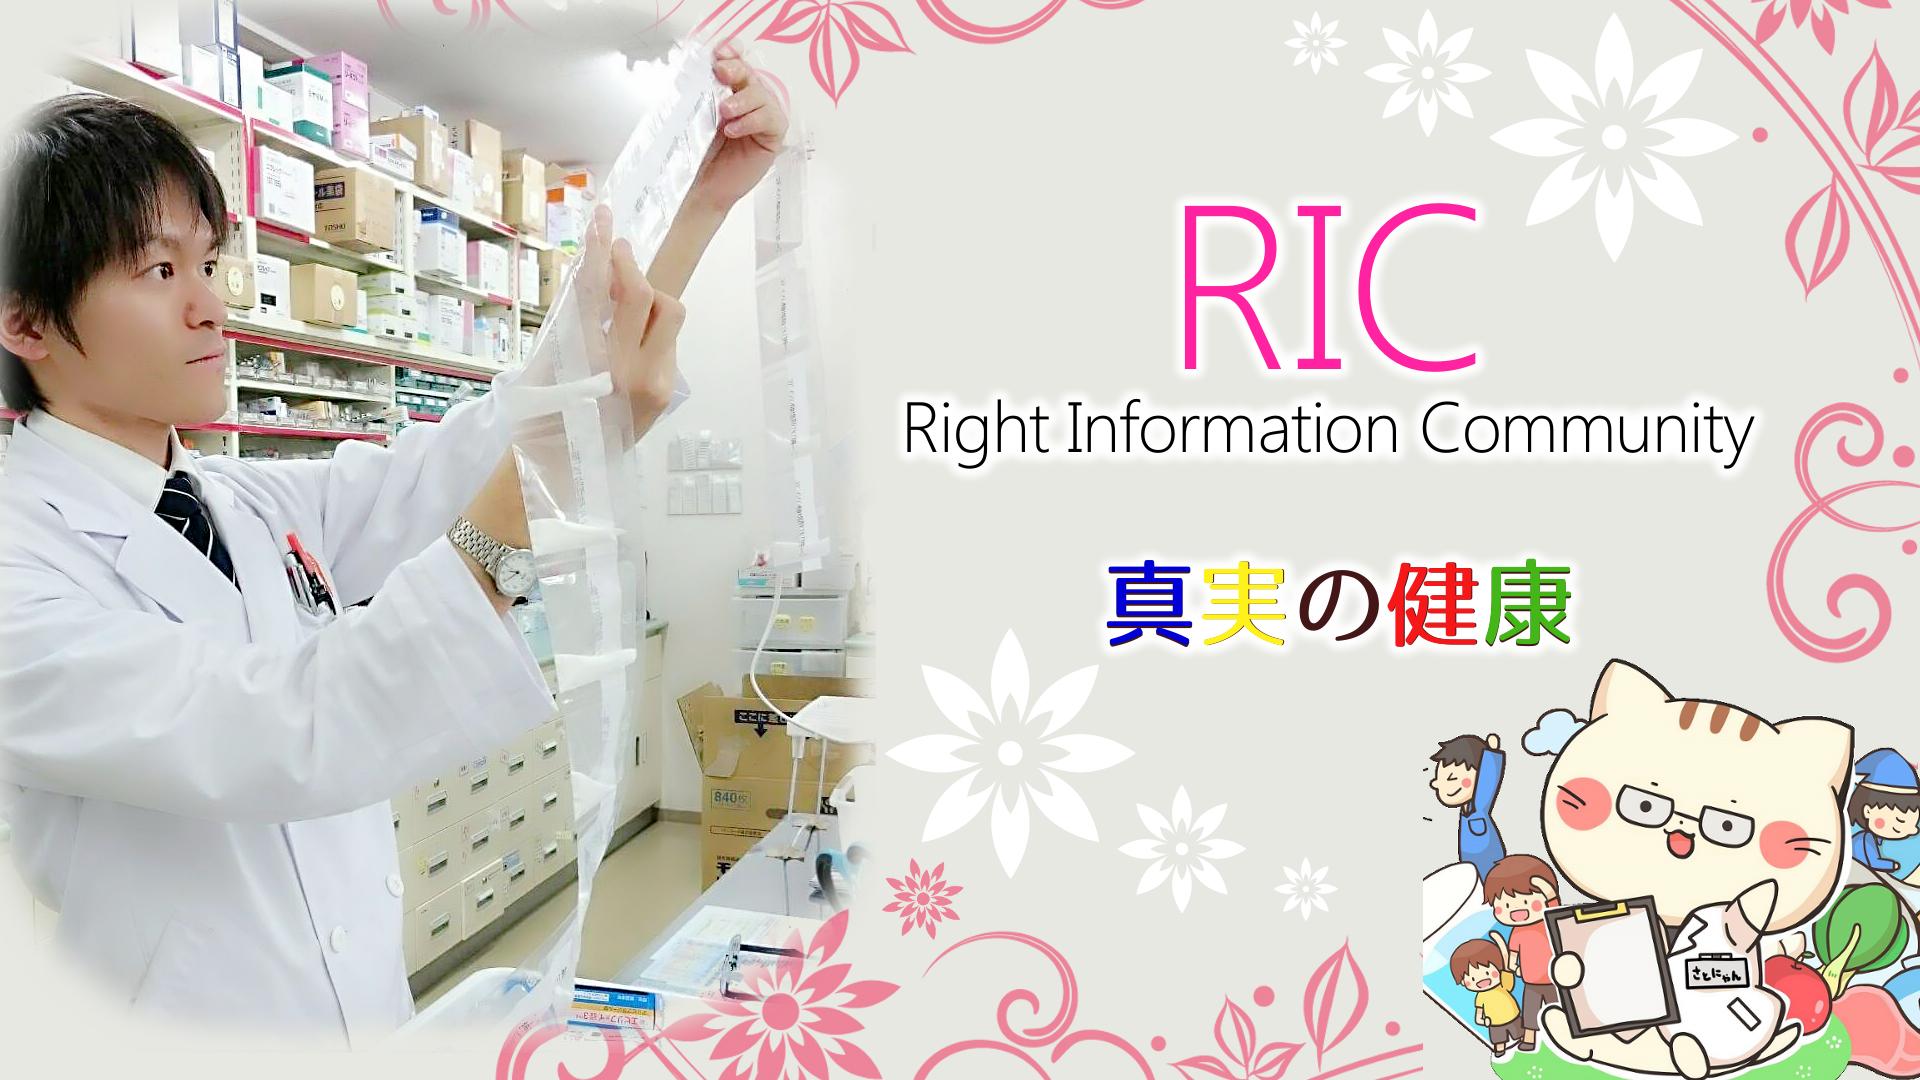 RIC 正しい健康情報交流会